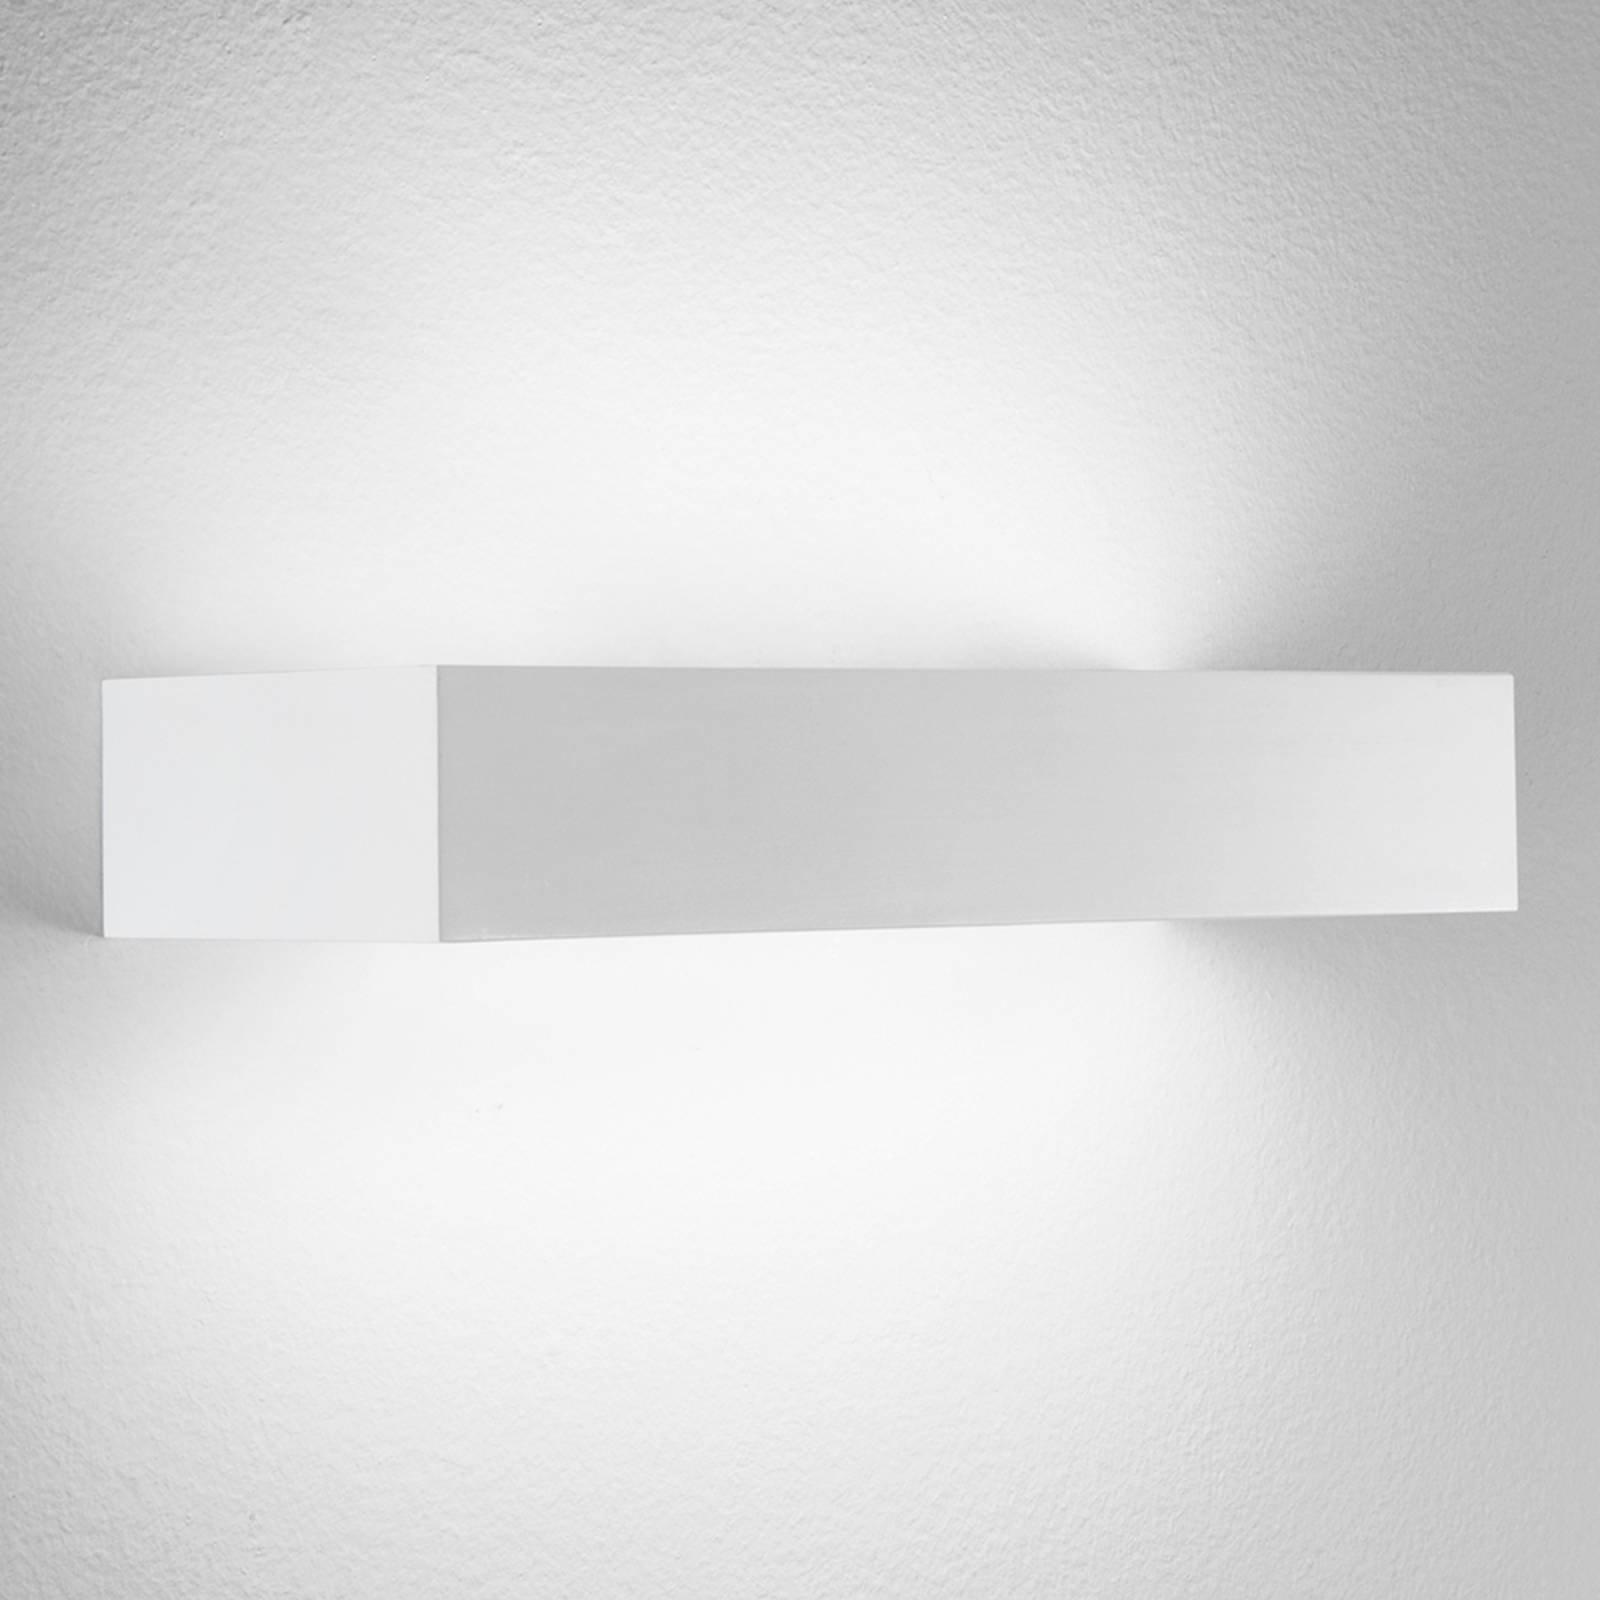 Brick 30 - kantet LED-vegglampe i hvit